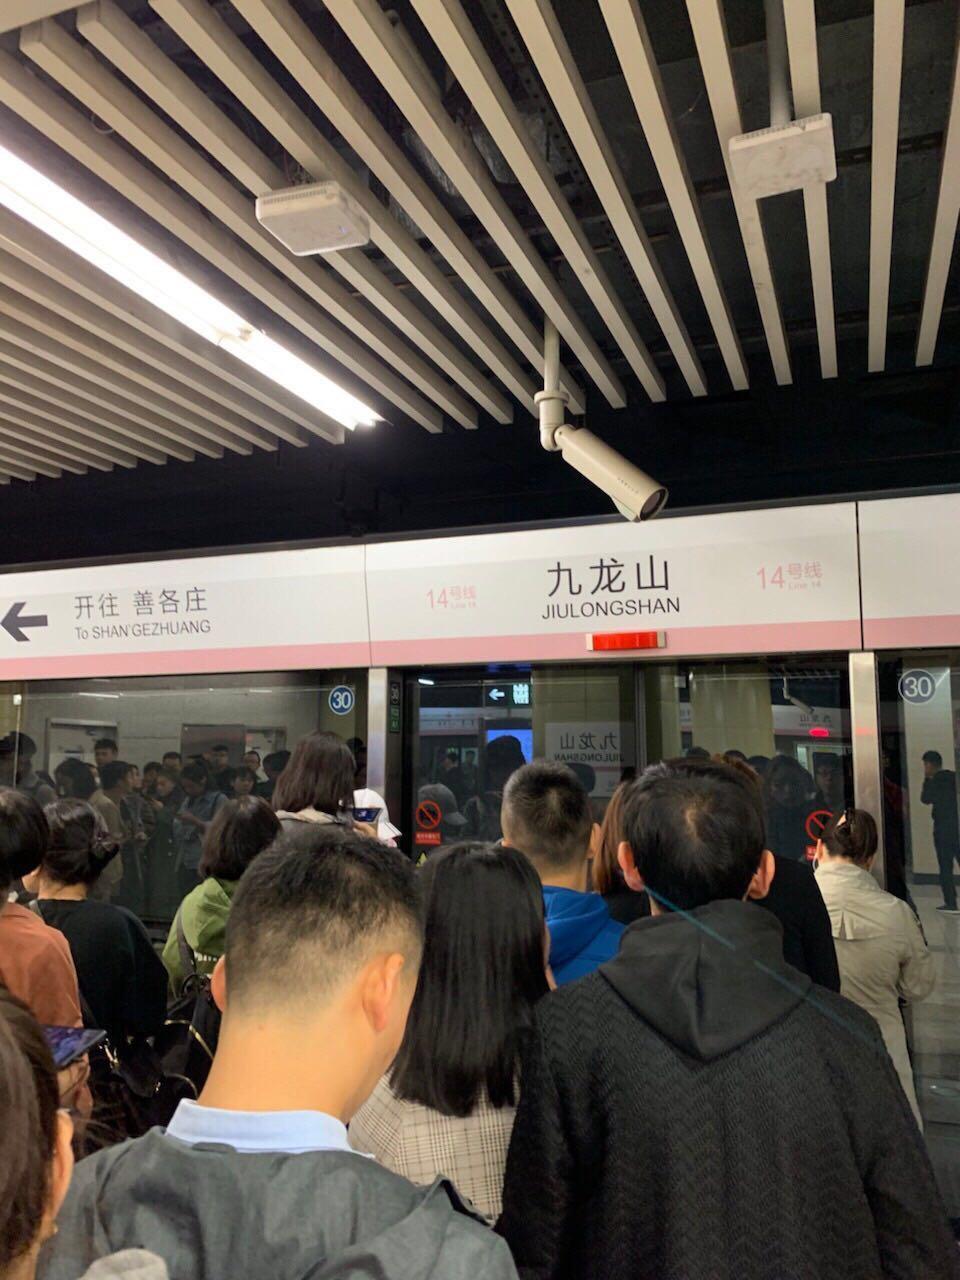 地铁过站不开门致乘客迟到 北京地铁:可领致乘客信